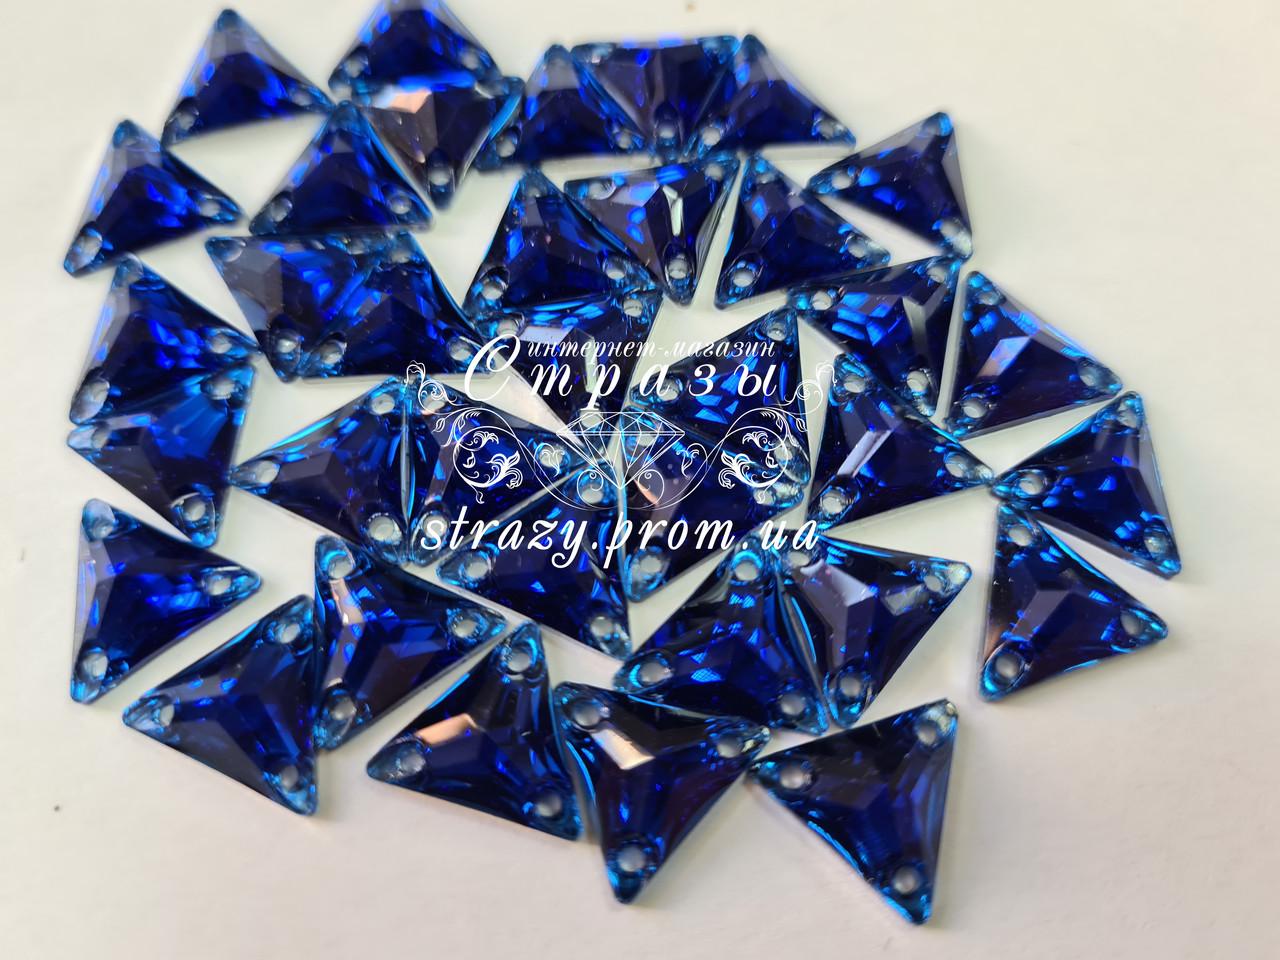 Стразы пришивные Треугольники 12мм. Акрил Sapphire